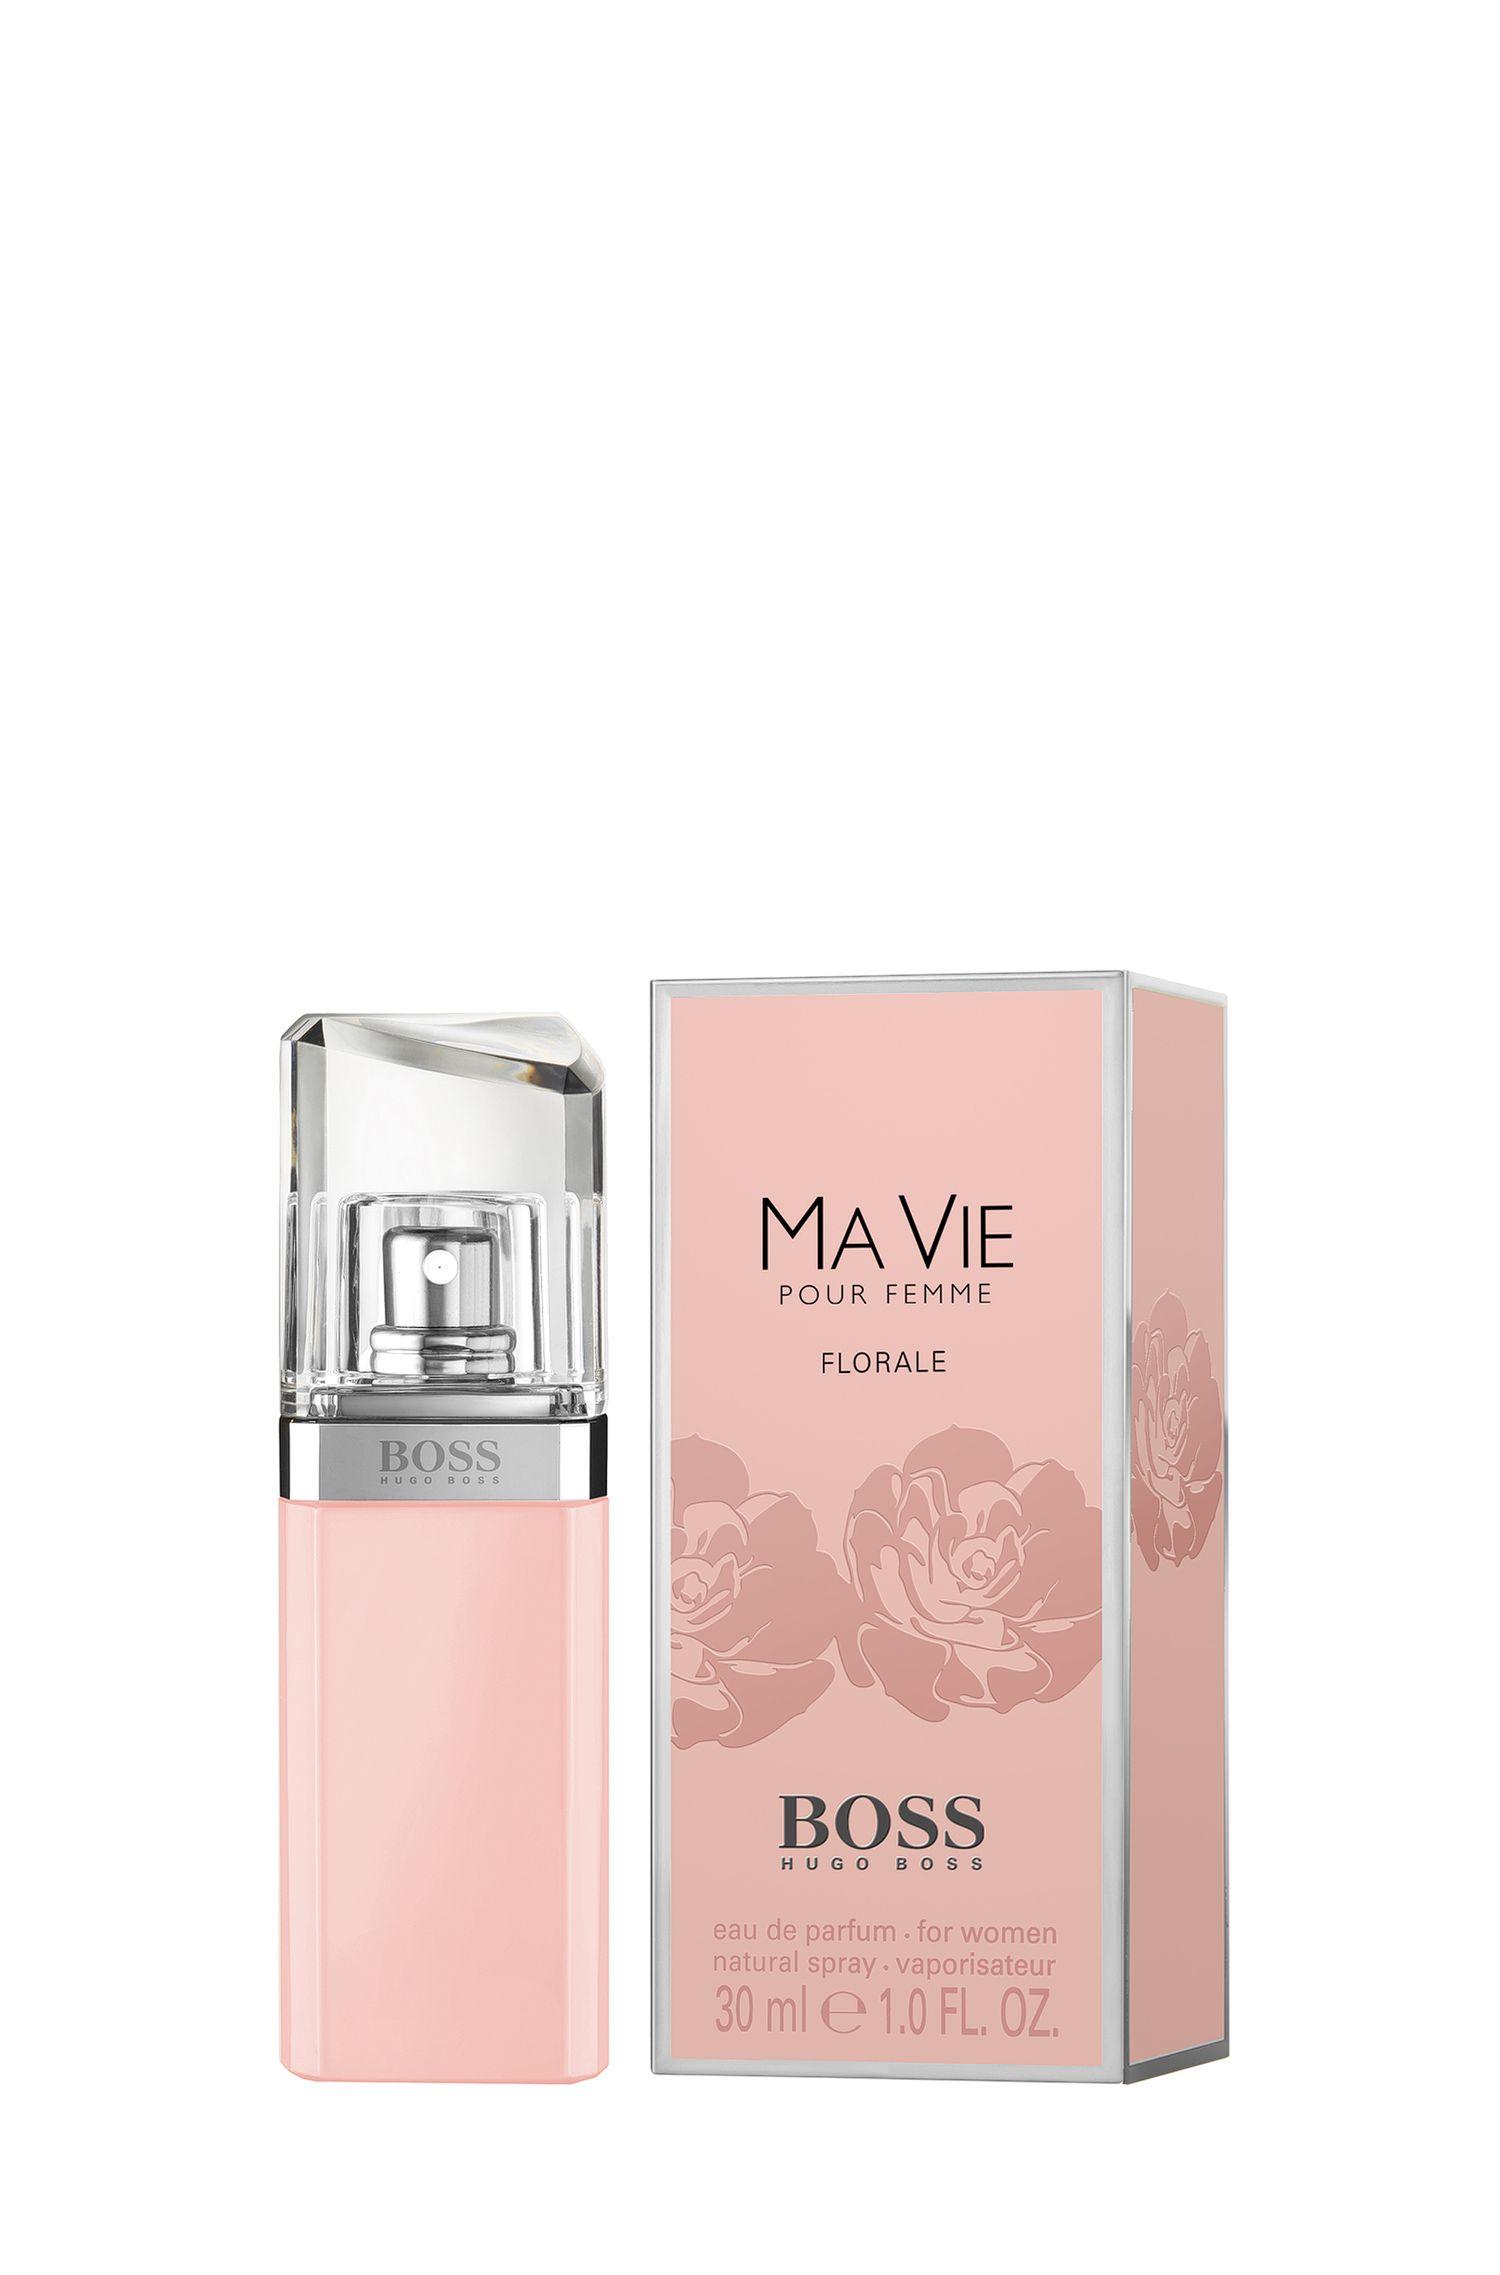 BOSS Ma Vie Florale eau de parfum 30ml